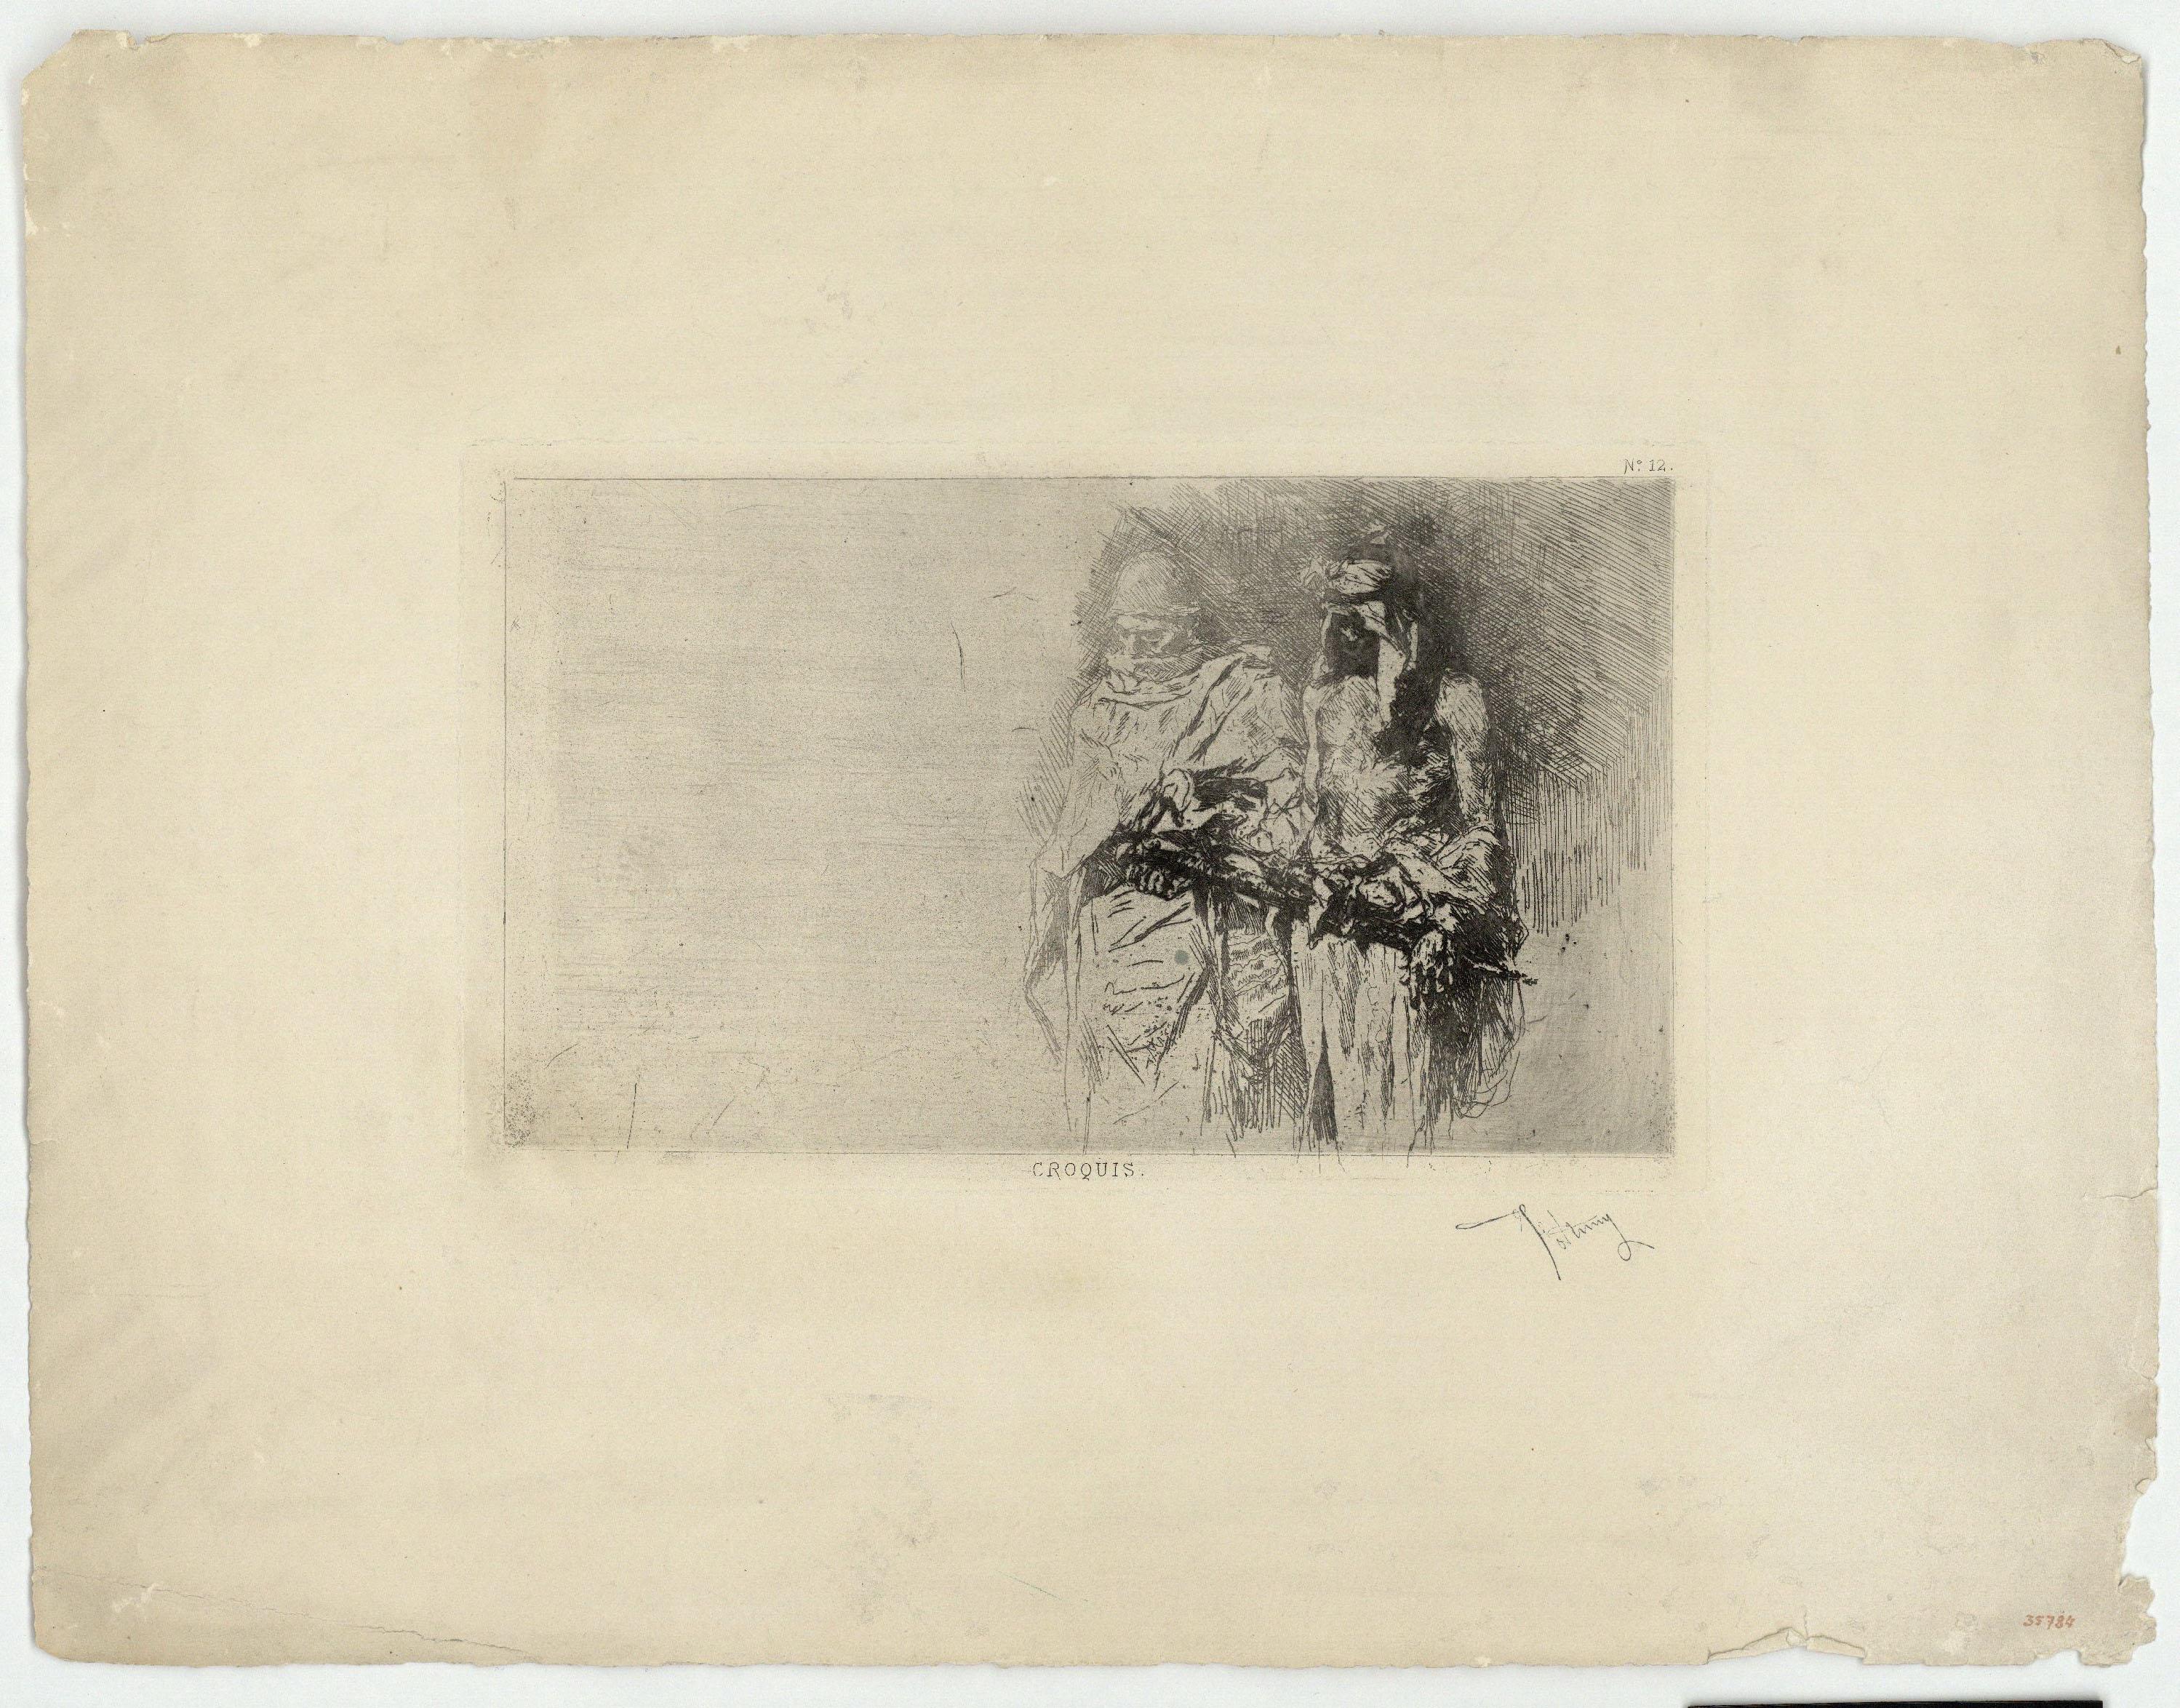 Marià Fortuny - Croquis (marroquins) - Cap a 1860-1862